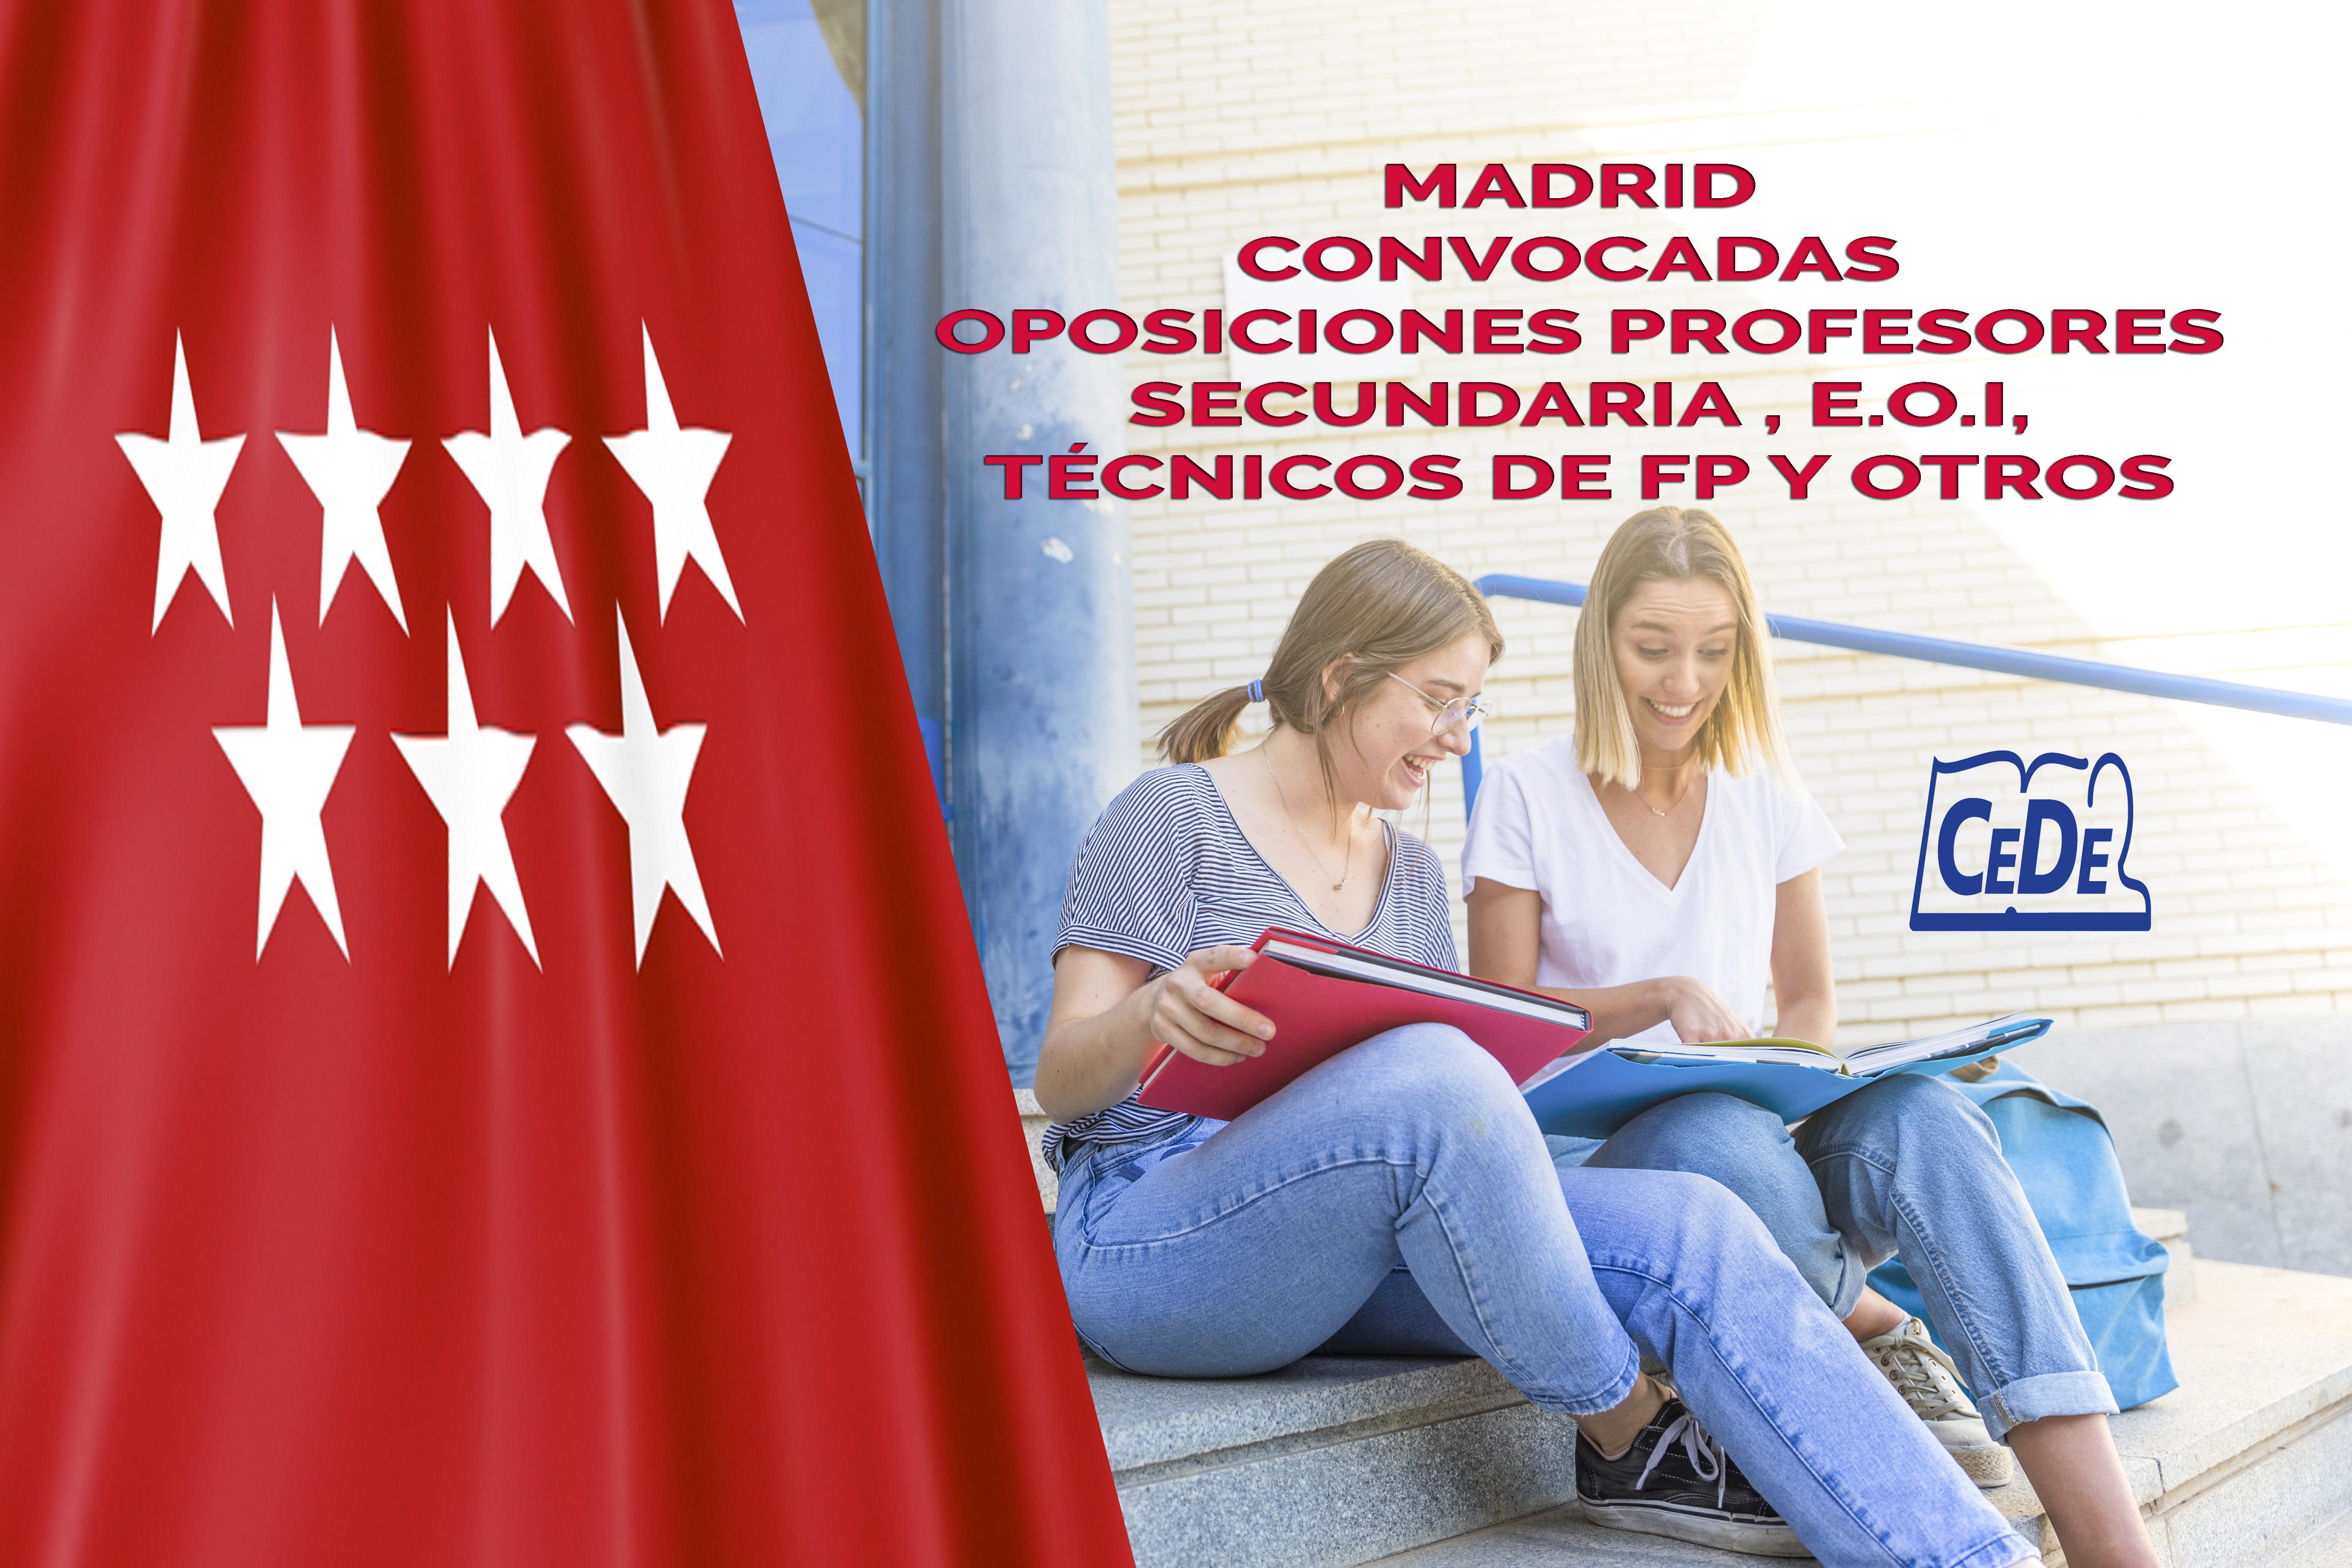 Comunidad de Madrid convocadas oposiciones profesores